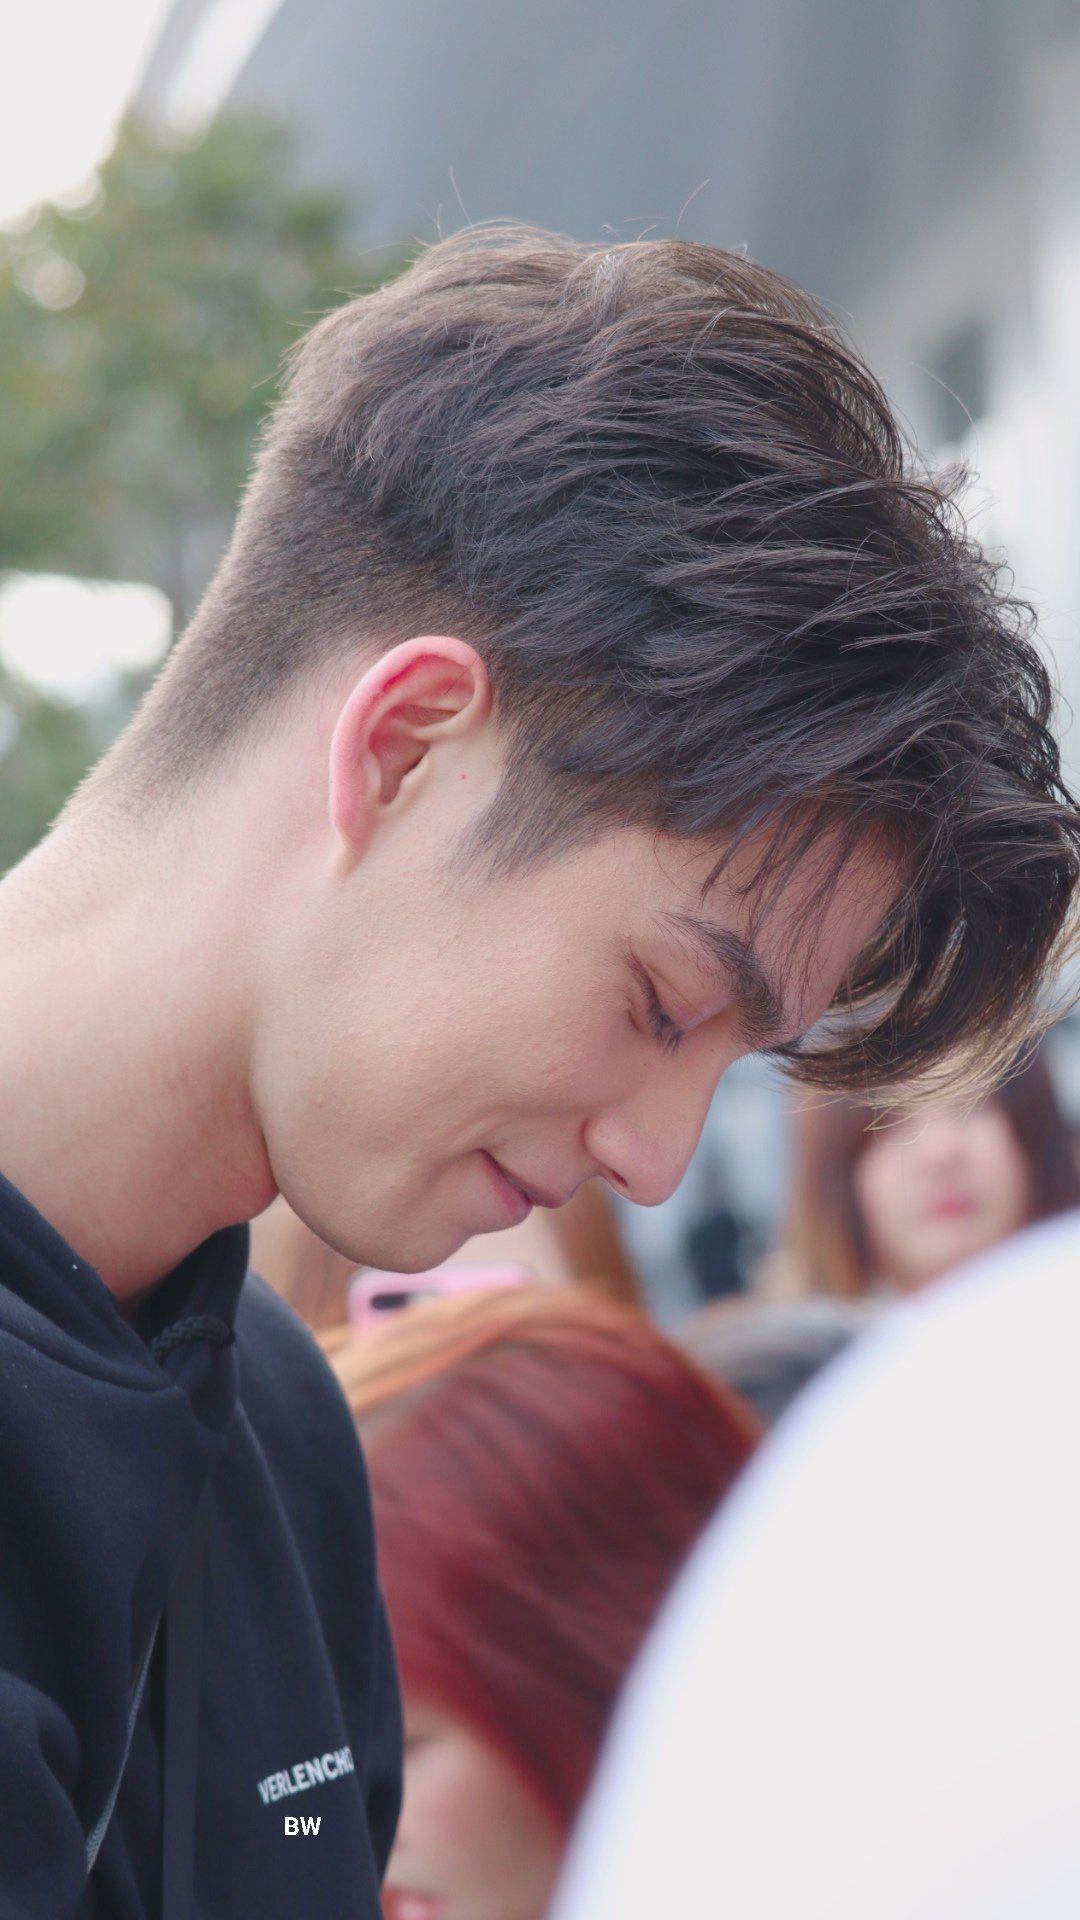 Pin Oleh Sunshine Di Thai Actor Di 2020 Potongan Rambut Pria Gaya Rambut Pria Gaya Rambut Pria Undercut